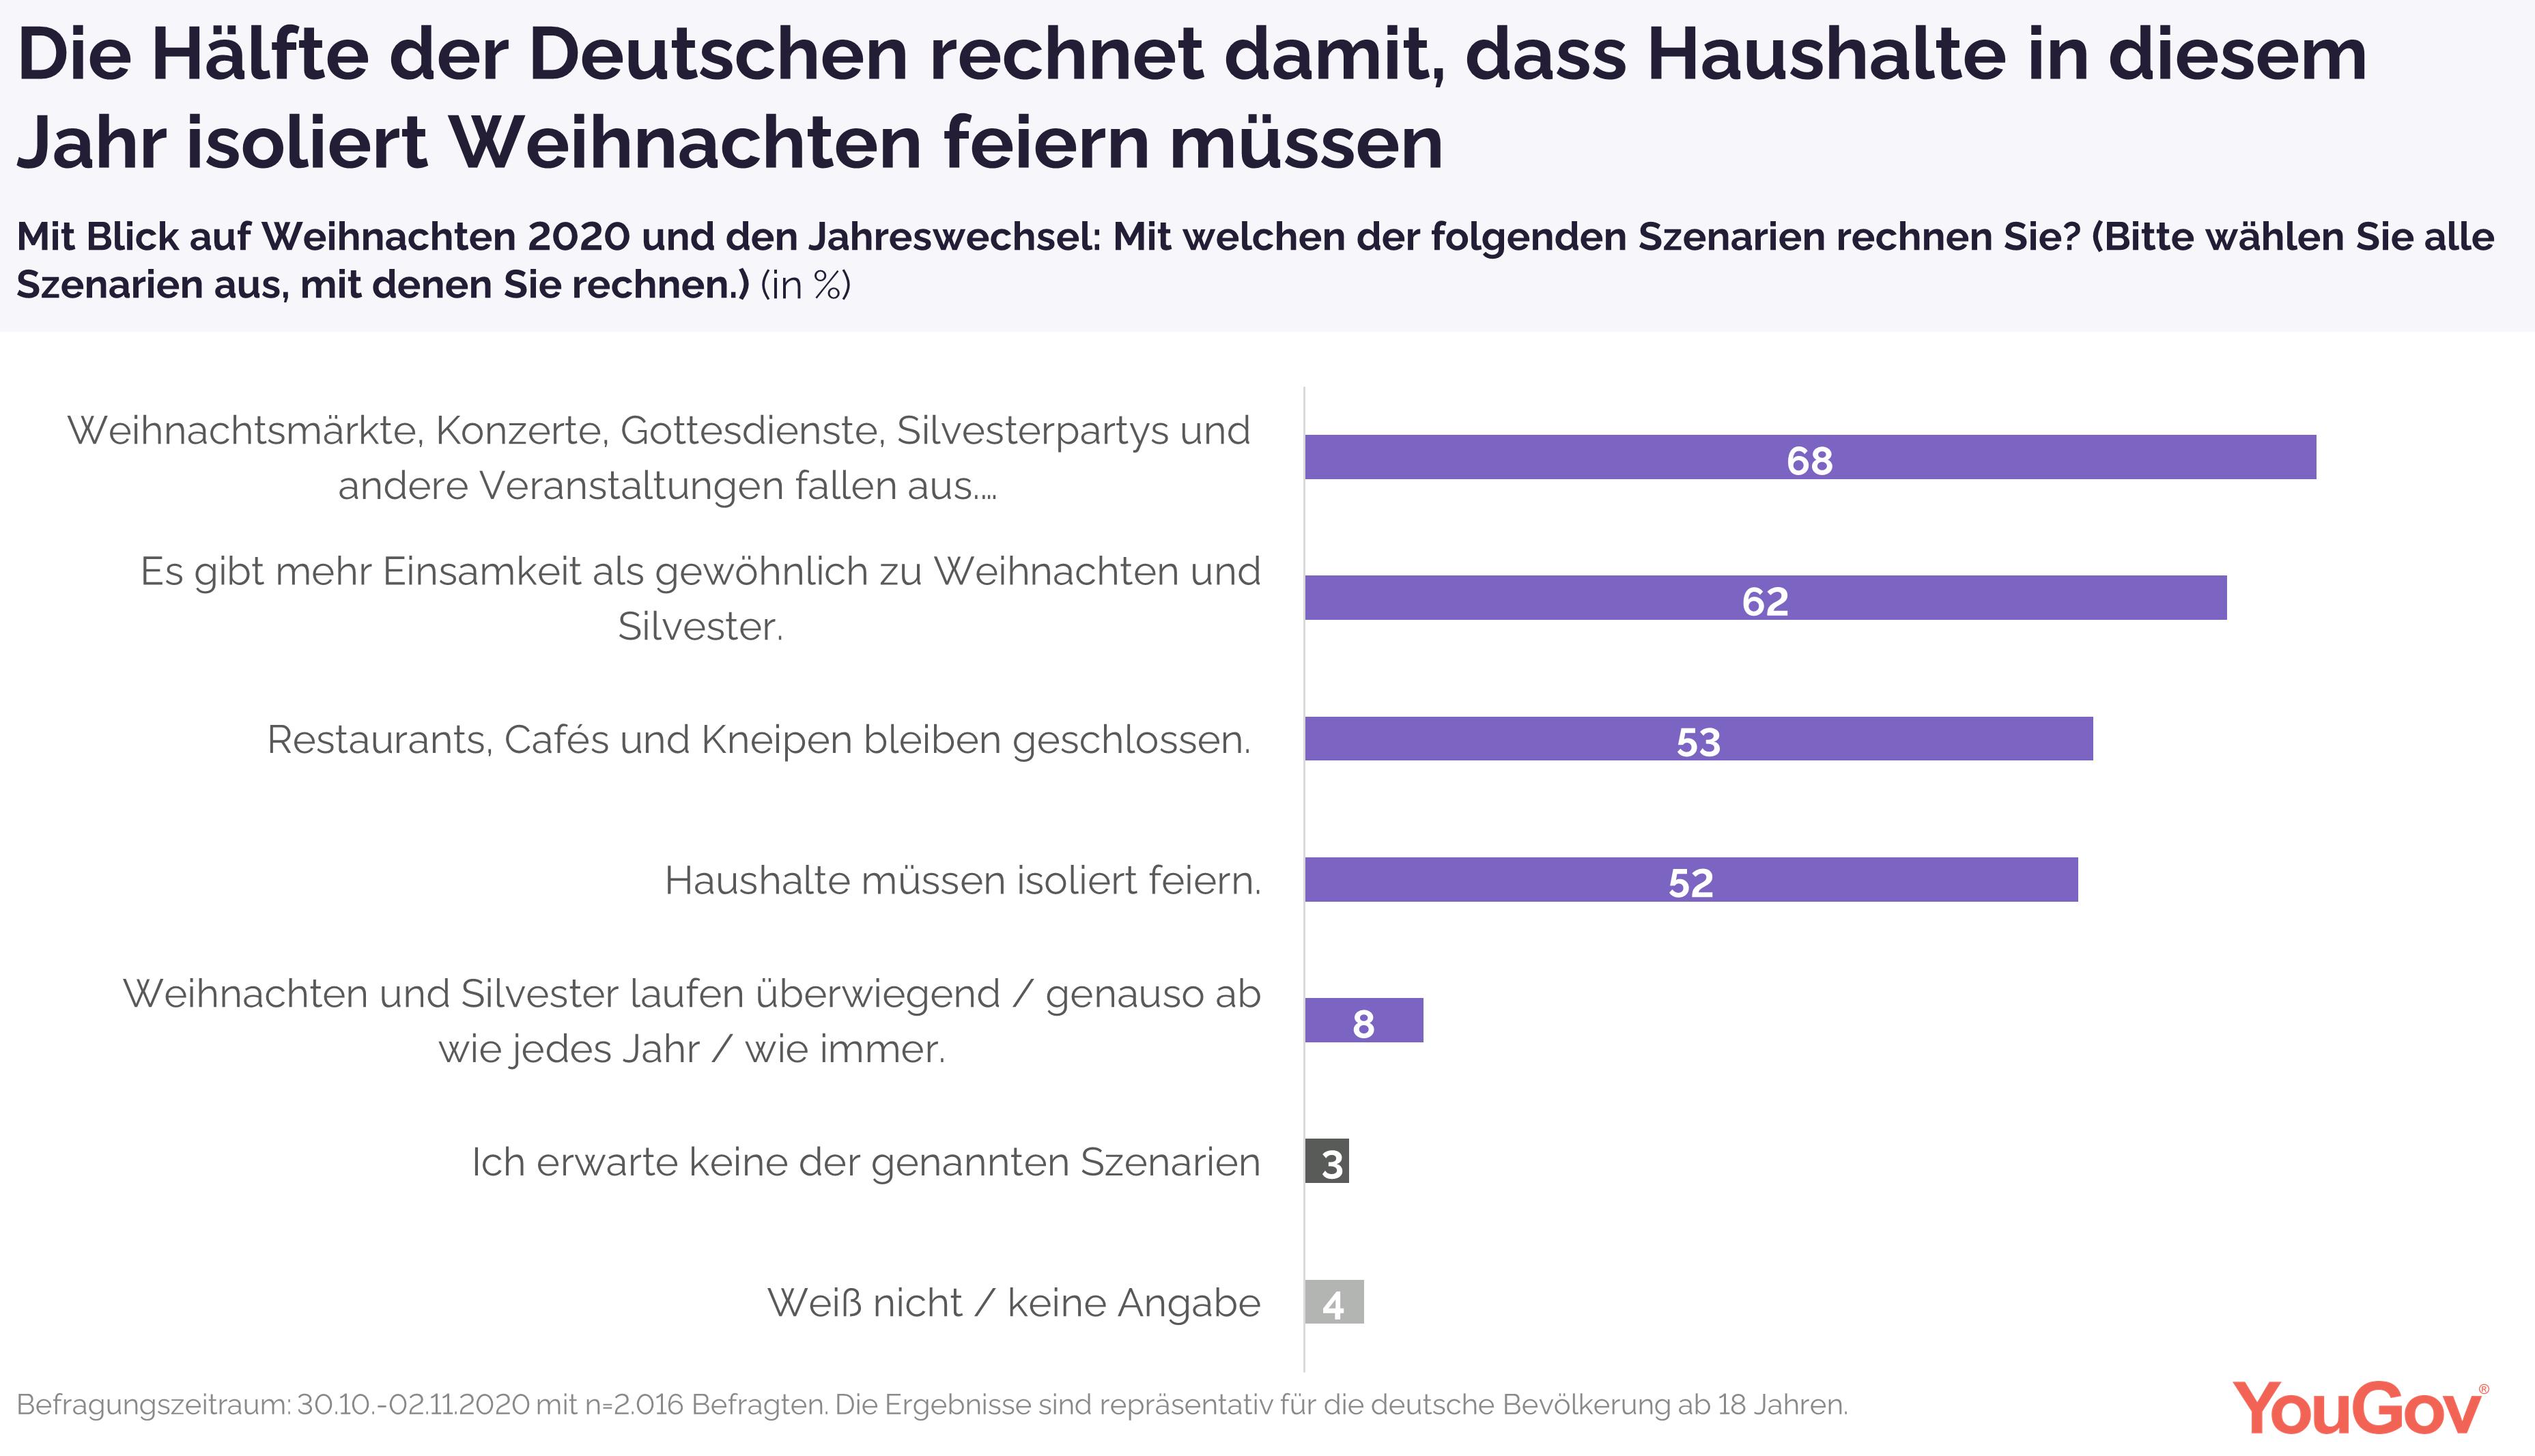 Hälfte der Deutschen rechnet mit isoliertem Weihnachten